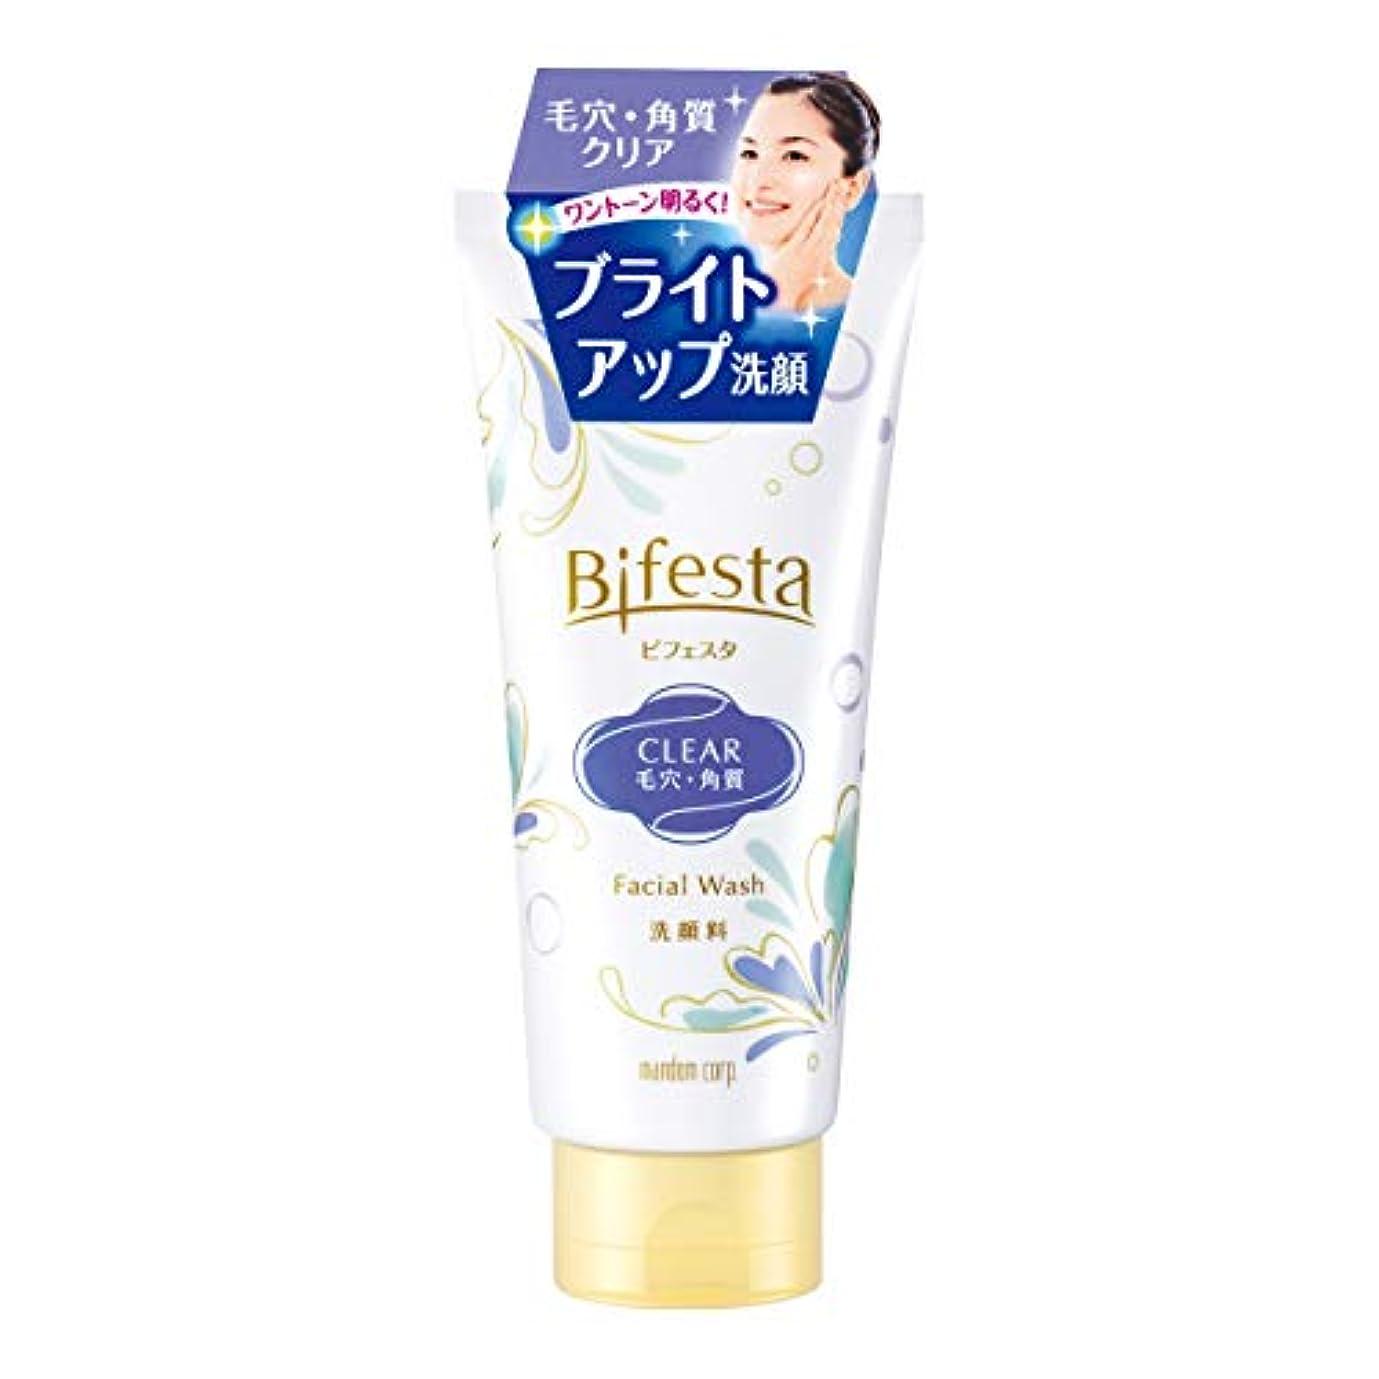 小道モンスター良心的ビフェスタ(Bifesta)洗顔 クリア 120g 毛穴?角質クリアタイプの洗顔料